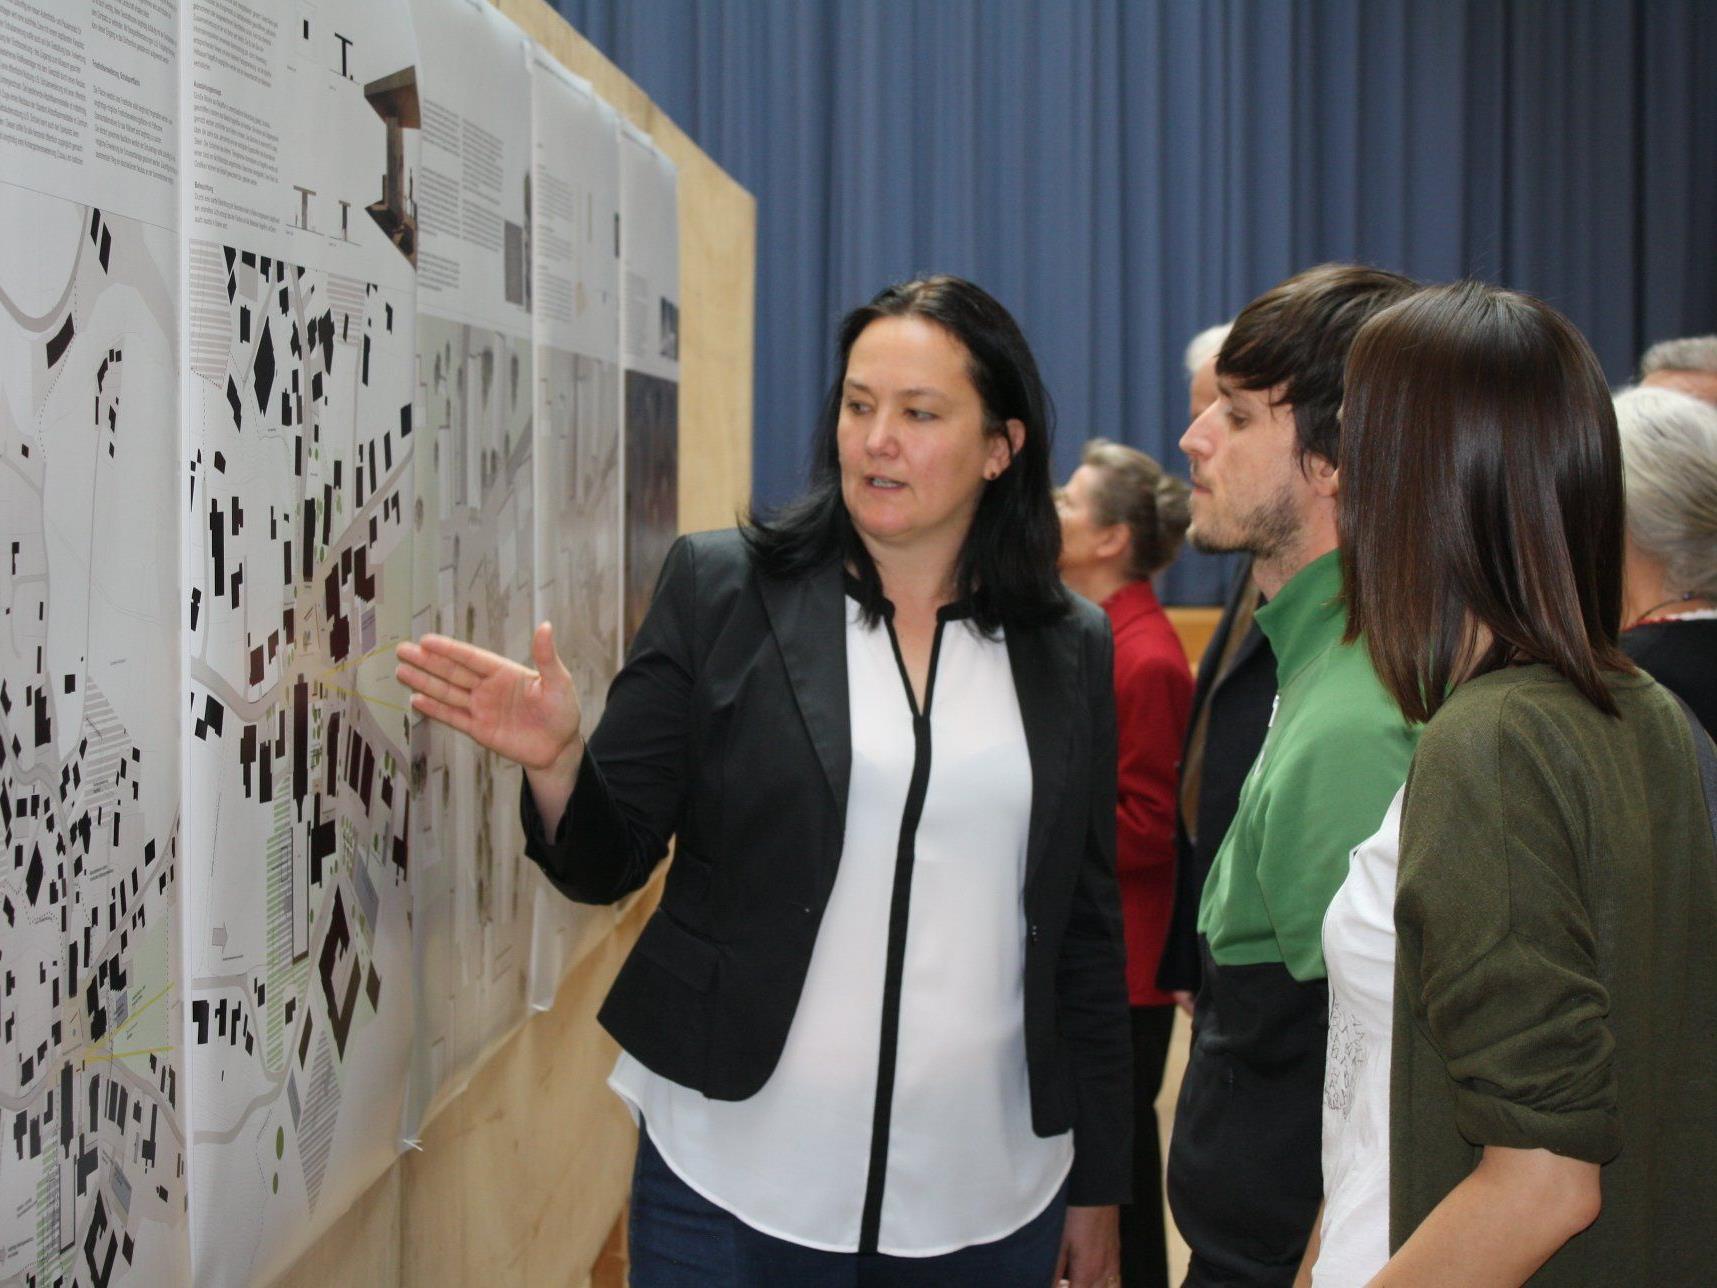 Großes Interesse an den Wettbewerbsergebnissen zur Zentrumsentwicklung in Hittisau.